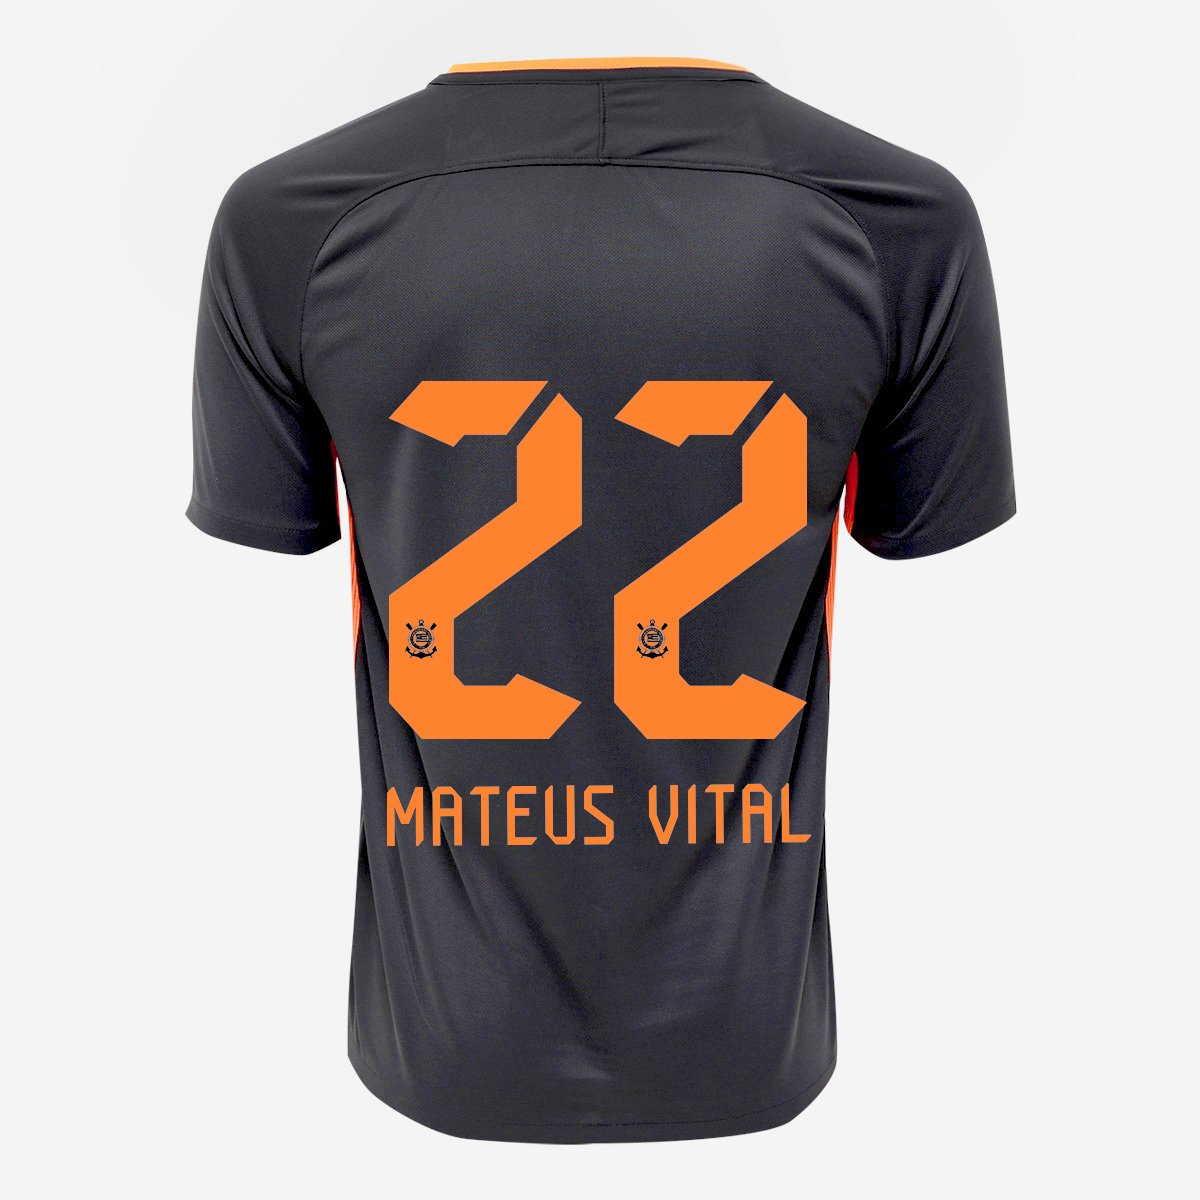 Camisa Corinthians III 17 18 nº 22 Mateus Vital - Torcedor Nike Masculina -  Compre Agora  bec58c7b0d07b